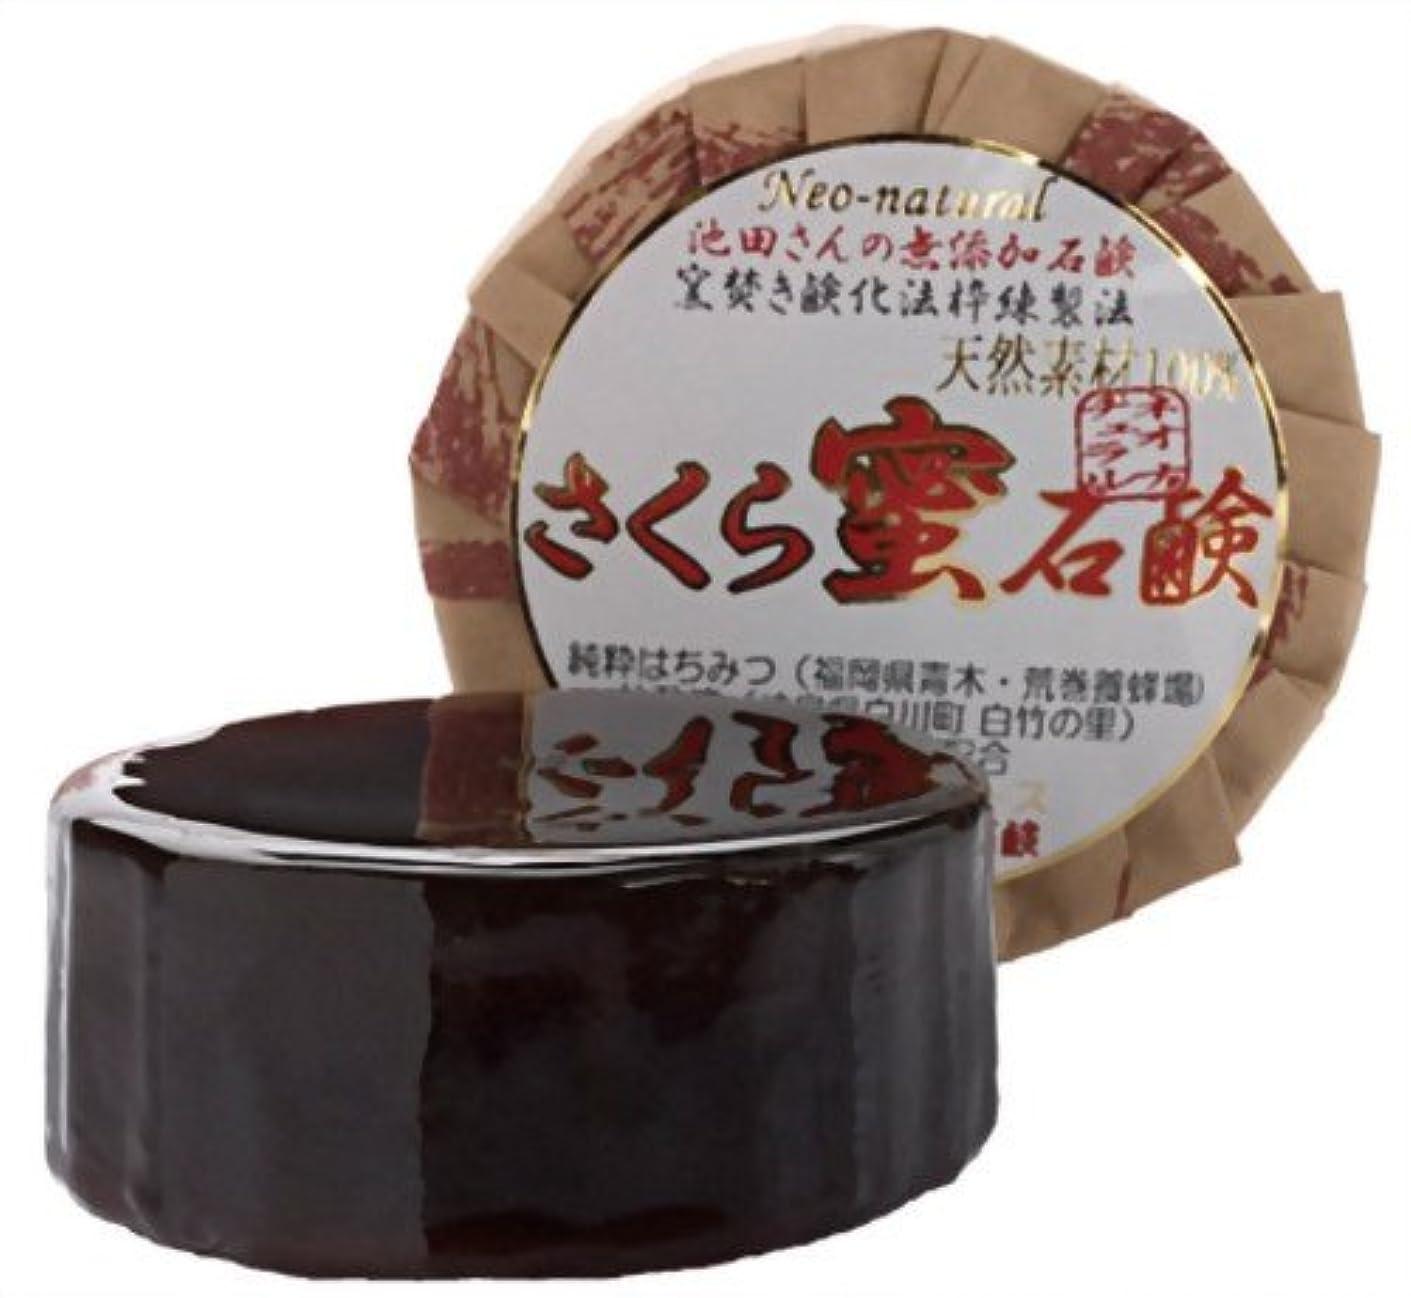 魅惑する変成器発表ネオナチュラル 池田さんのさくら蜜石鹸 105g